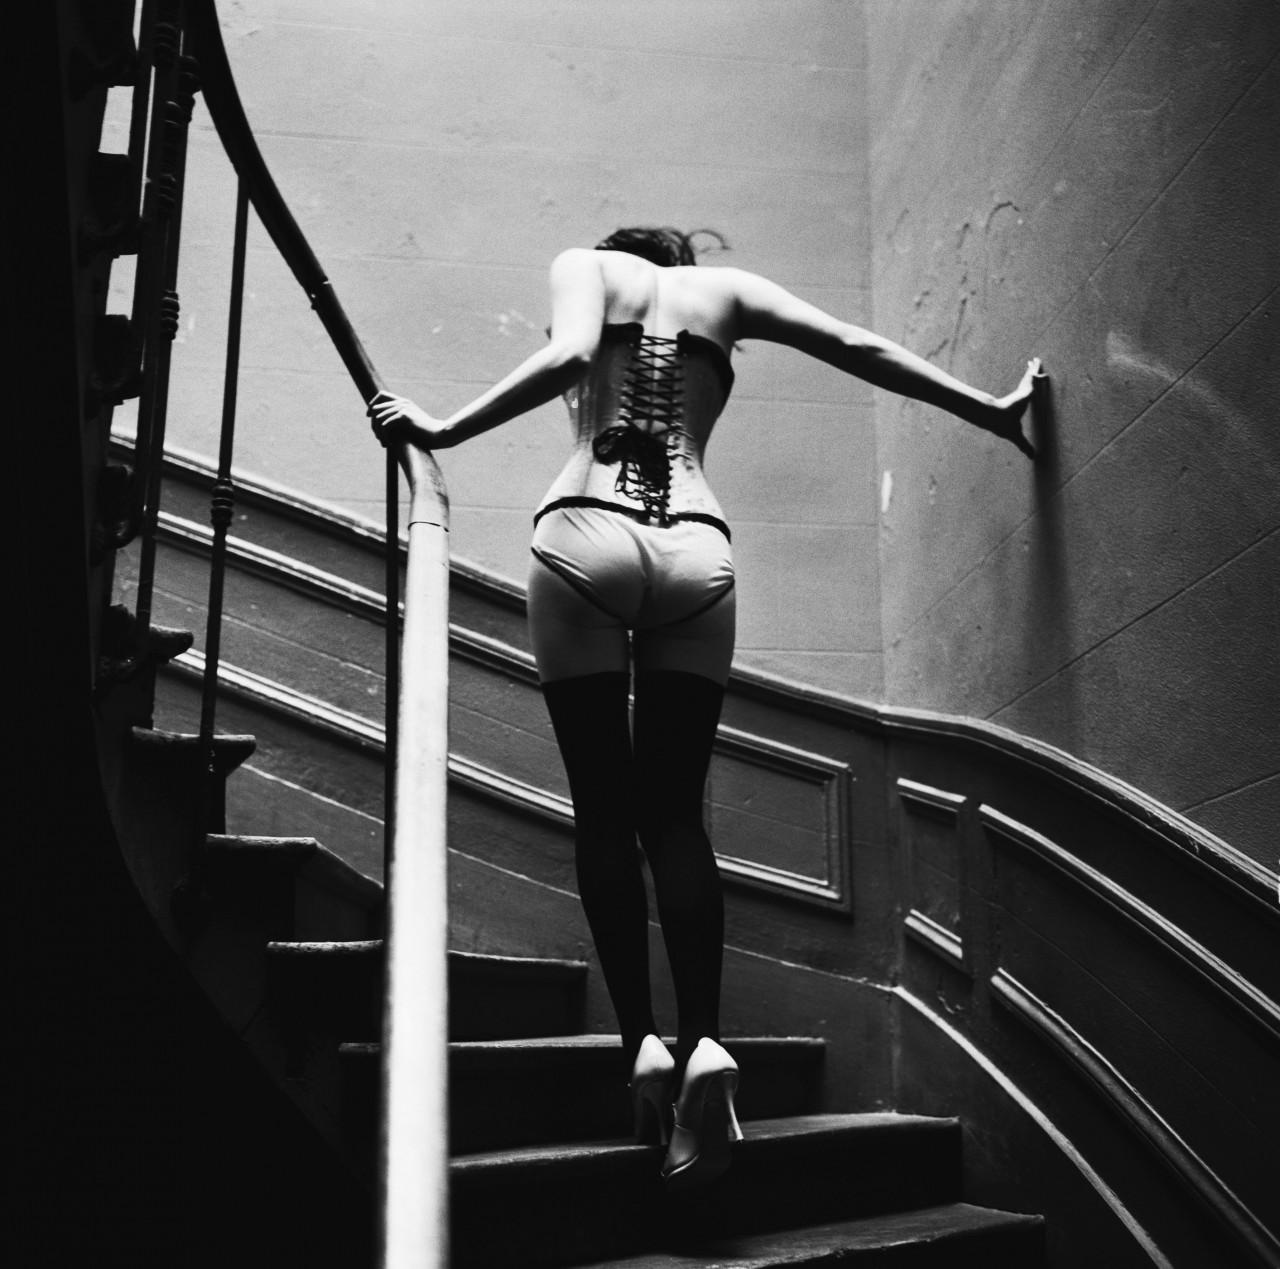 Подъём по лестнице, Париж, 2003. Автор Эллен фон Унверт